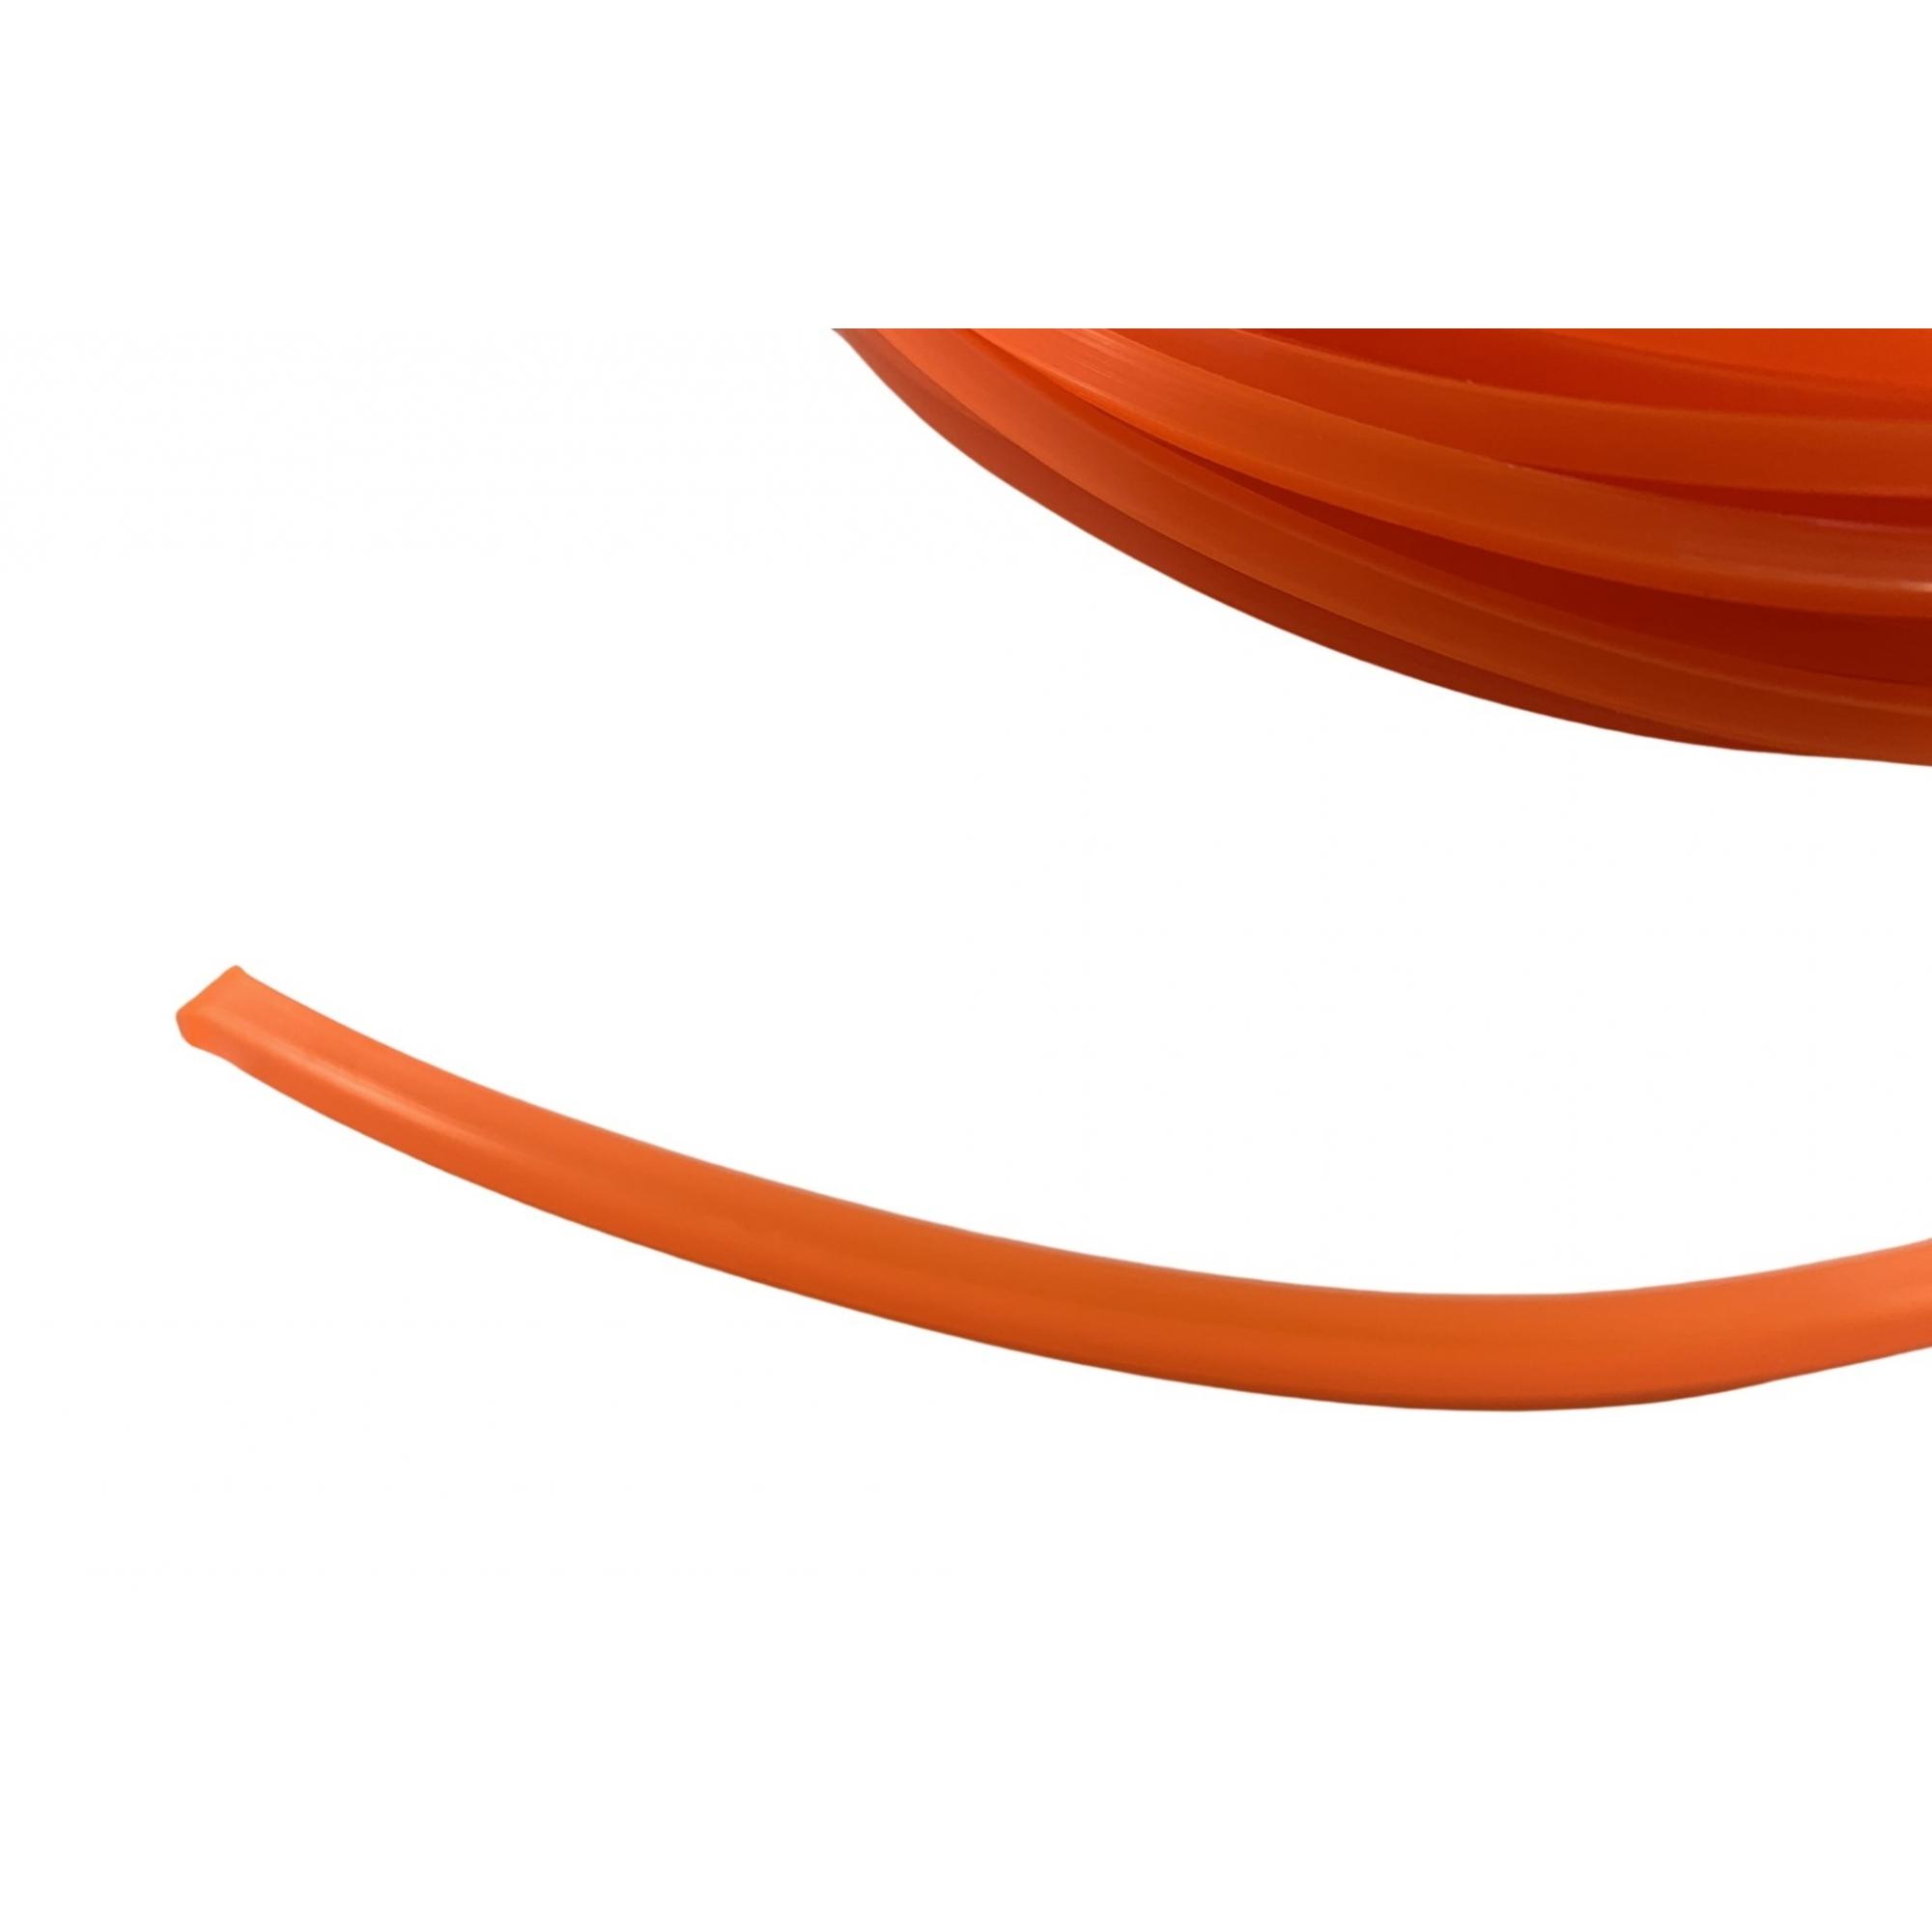 Fio De Nylon Quadrado 3mm Ekilon® Grass - 100 Gramas/ 11 Metros